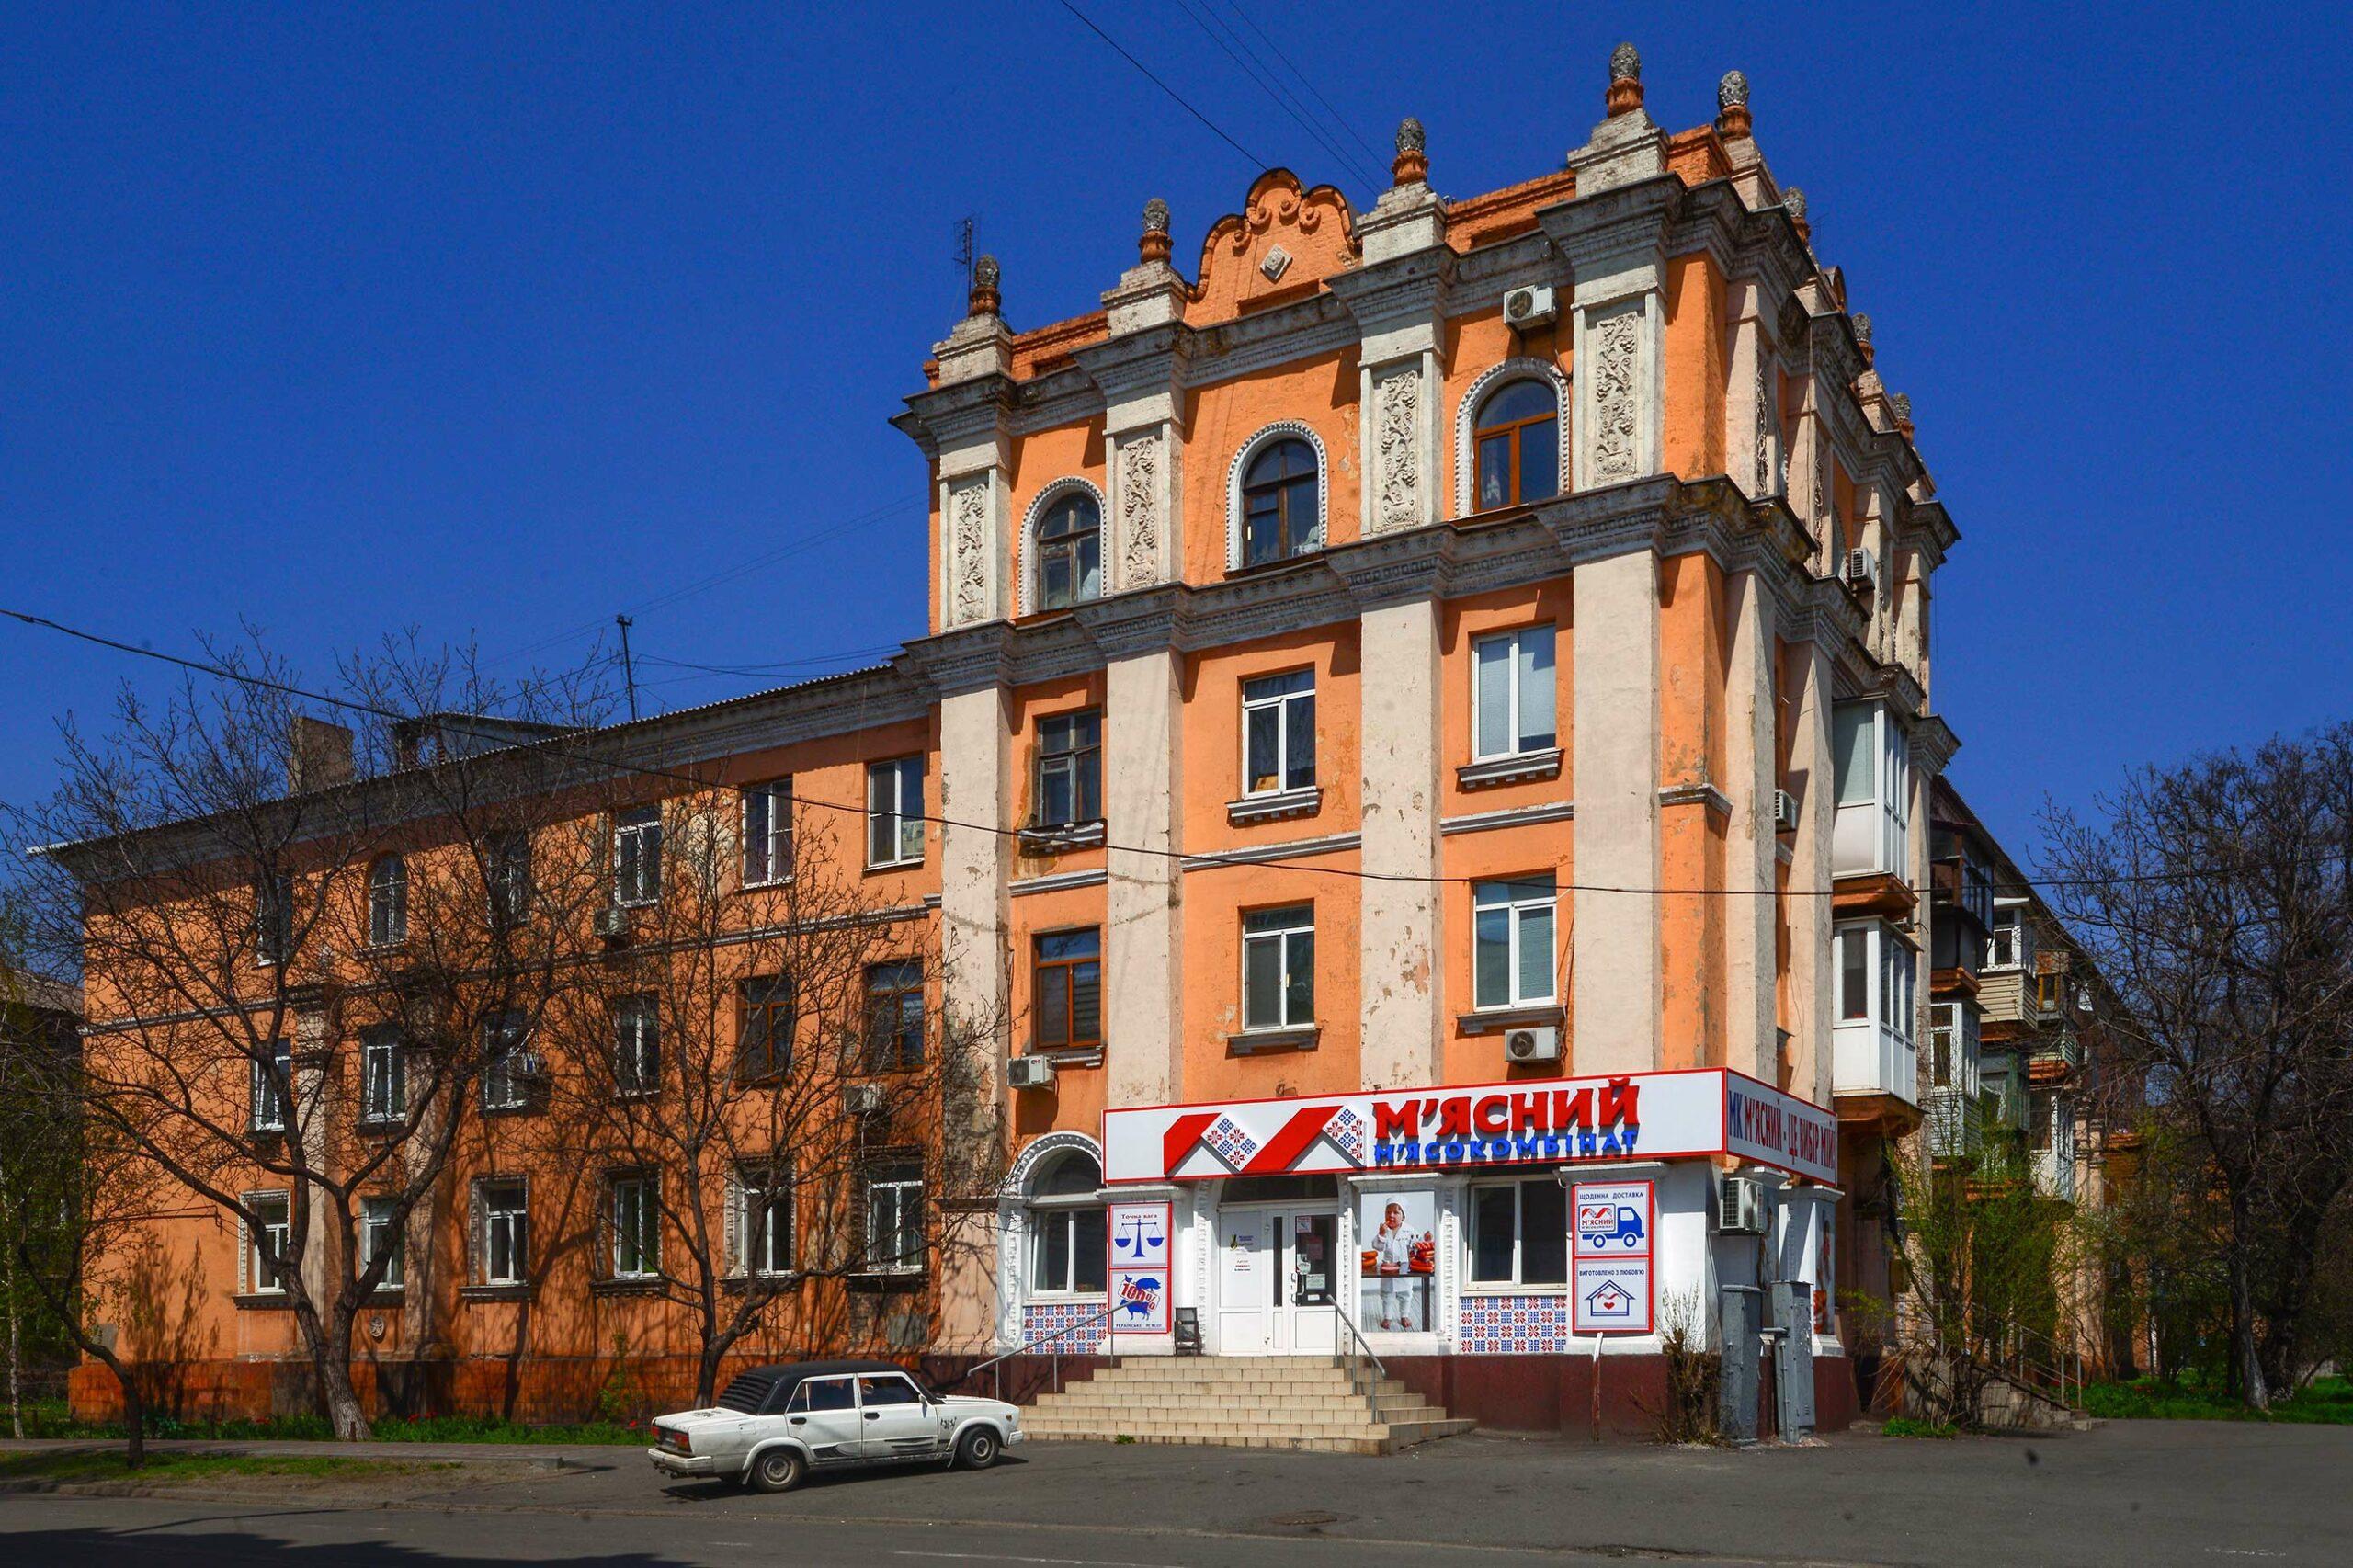 shyrochyn 09 scaled - <b>Что вы знаете об архитектуре промышленных городов? Она прекрасна.</b> Вот как выглядят самые интересные здания Мариуполя - Заборона